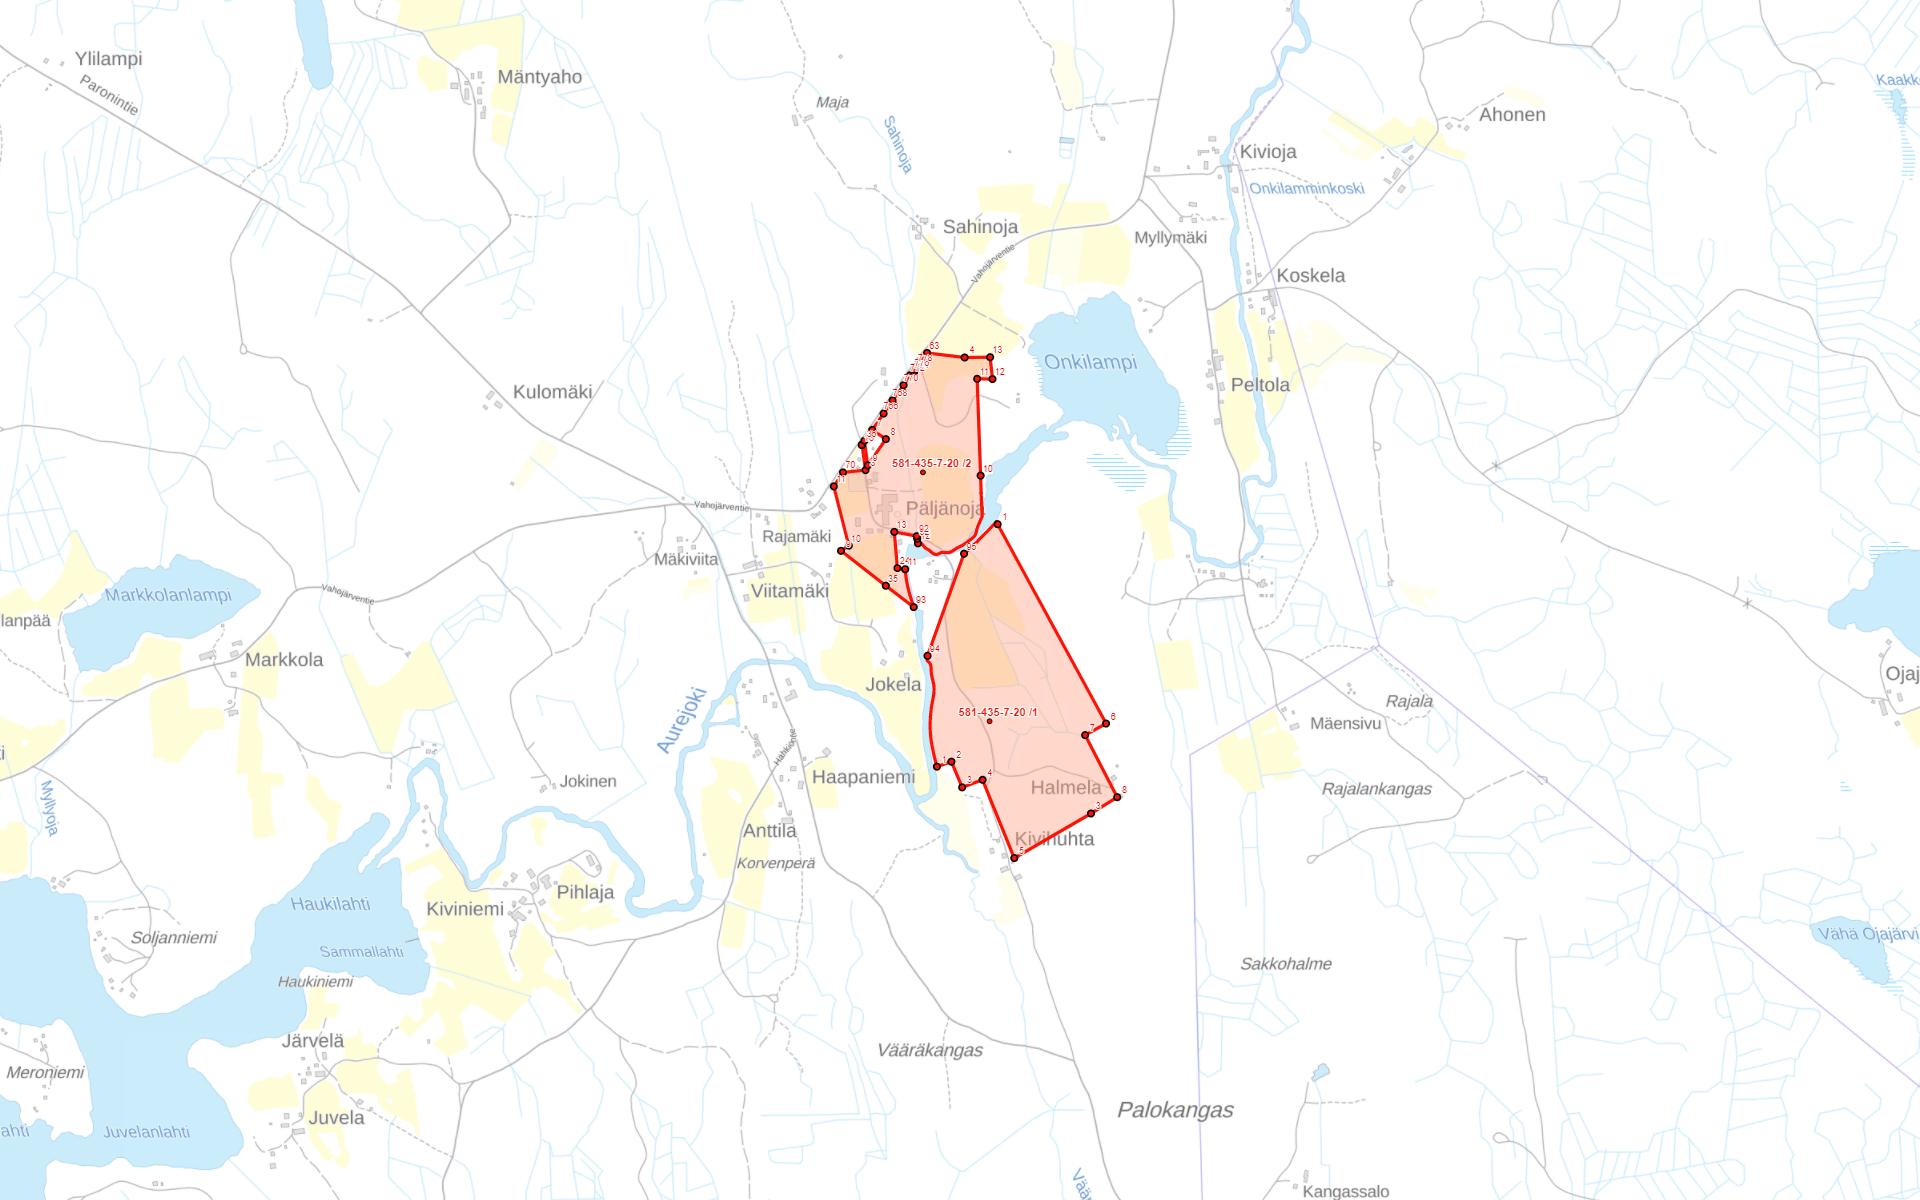 Parkano Vahojärvi Päljänoja kartta